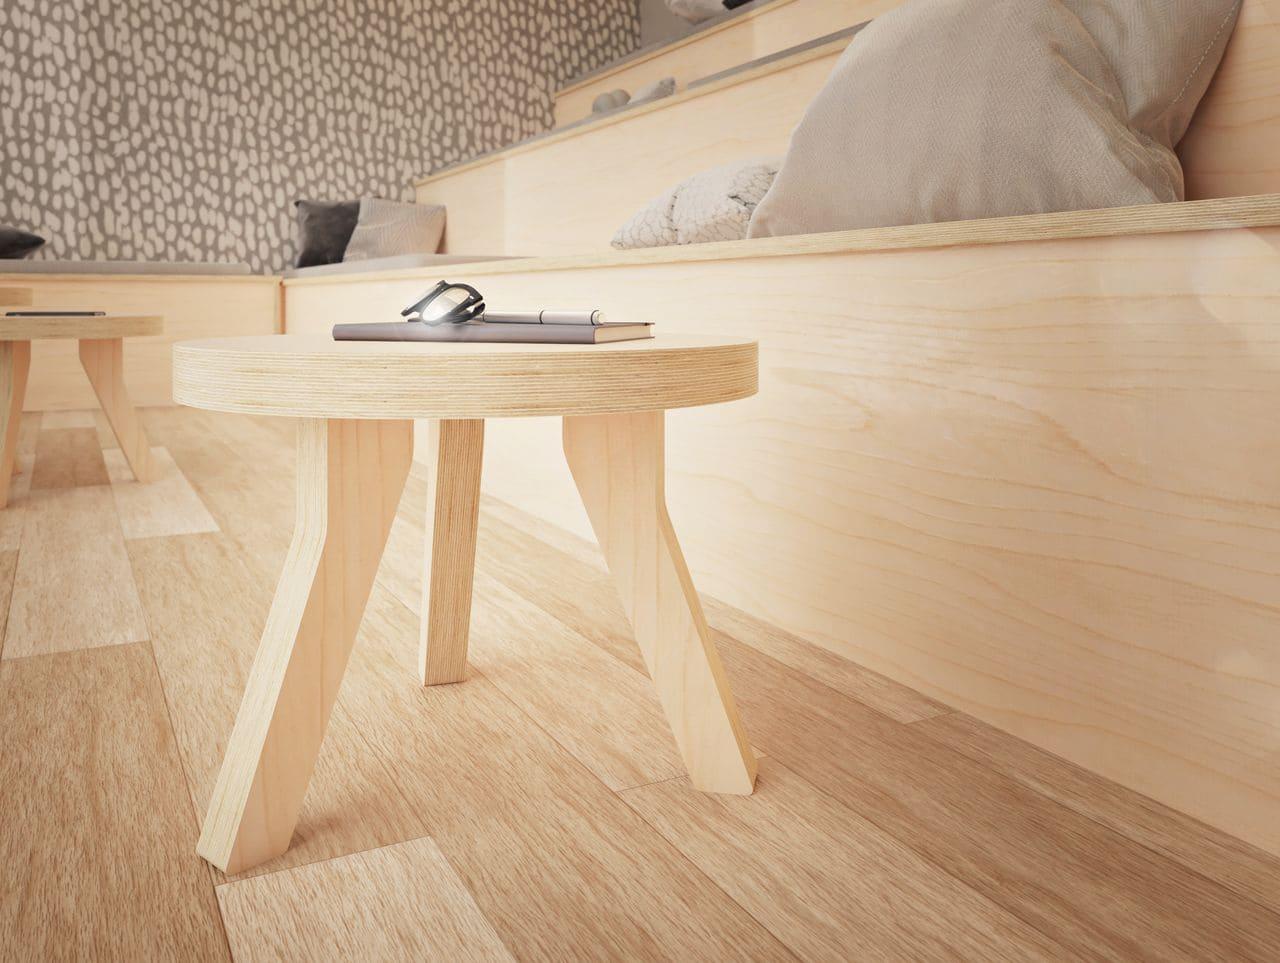 table basse ronde placée devant une assise en bois avec des coussins colorés pour un espace détente au sein de l'entreprise où l'équipe peut venir lire ou se reposer dans une ambiance au style scandinave